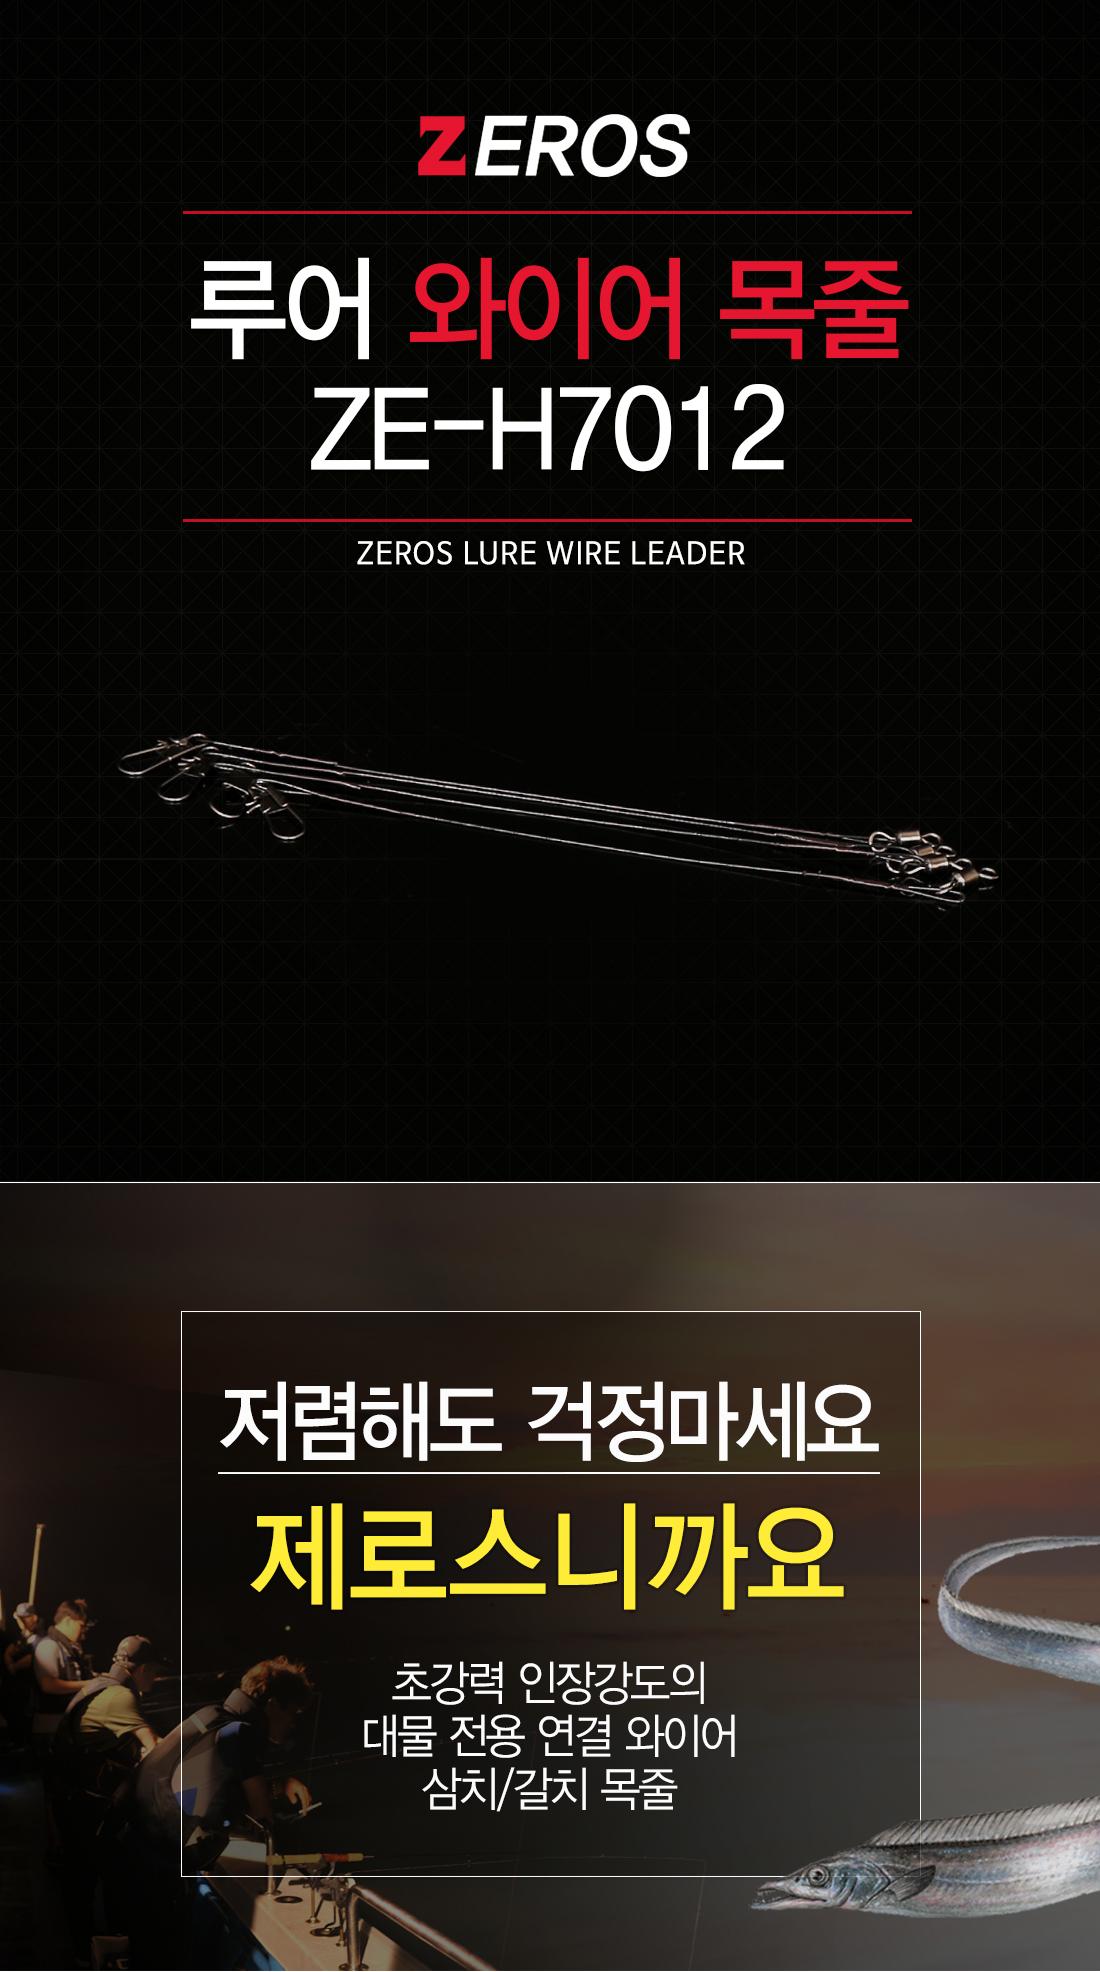 제로스 루어 와이어목줄 (ZE-H7012) 와이어 삼치목줄 삼치 갈치목줄 쇼크리더 와이어리더